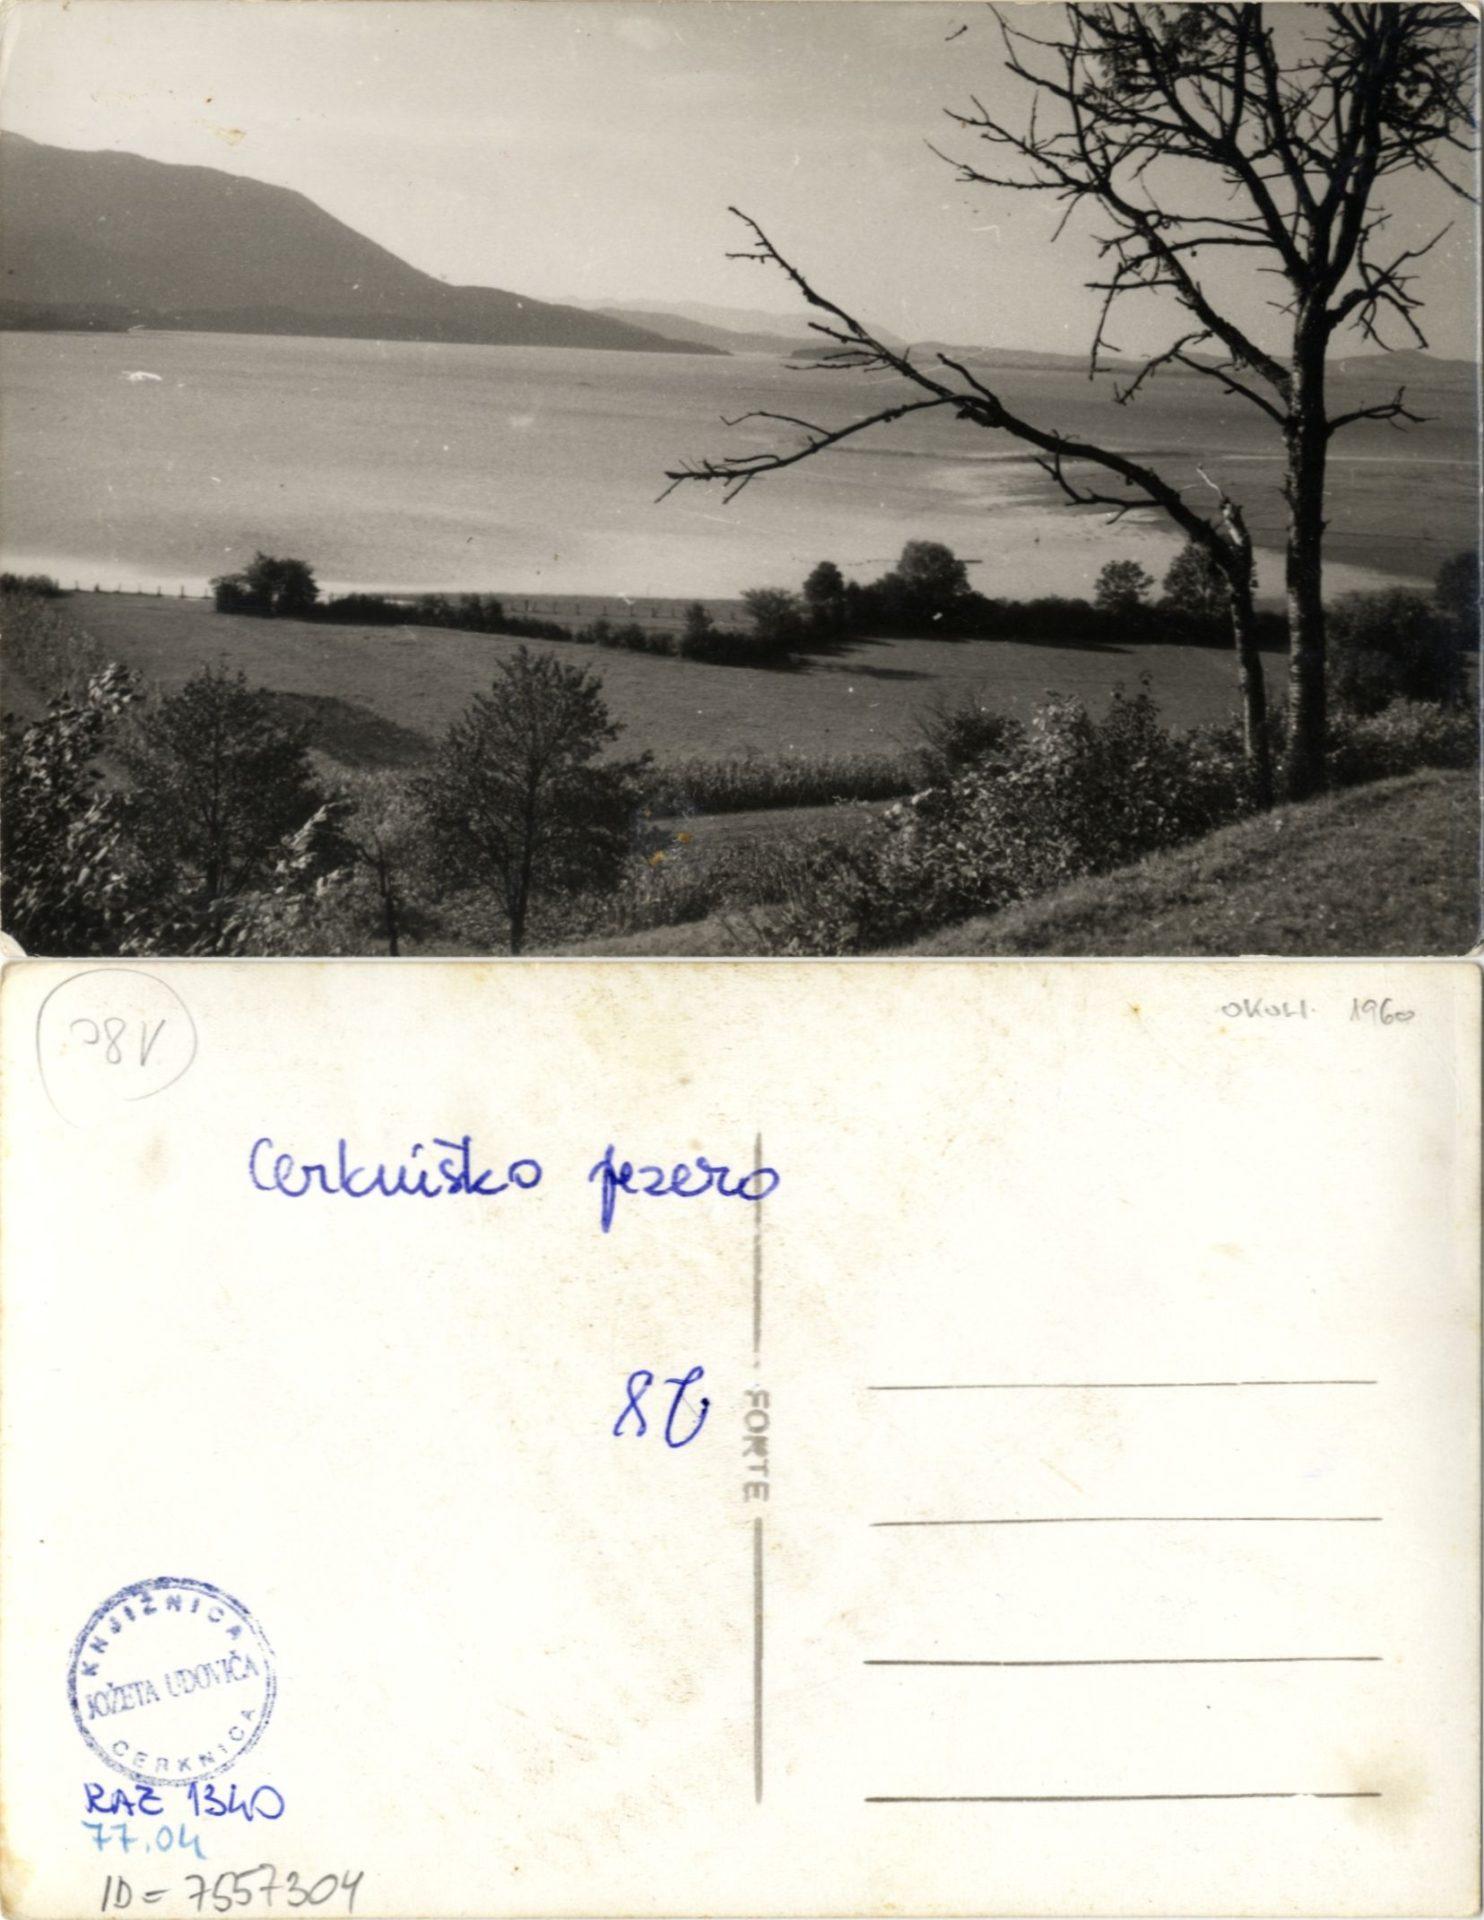 zlimano 31 - Cerkniško jezero